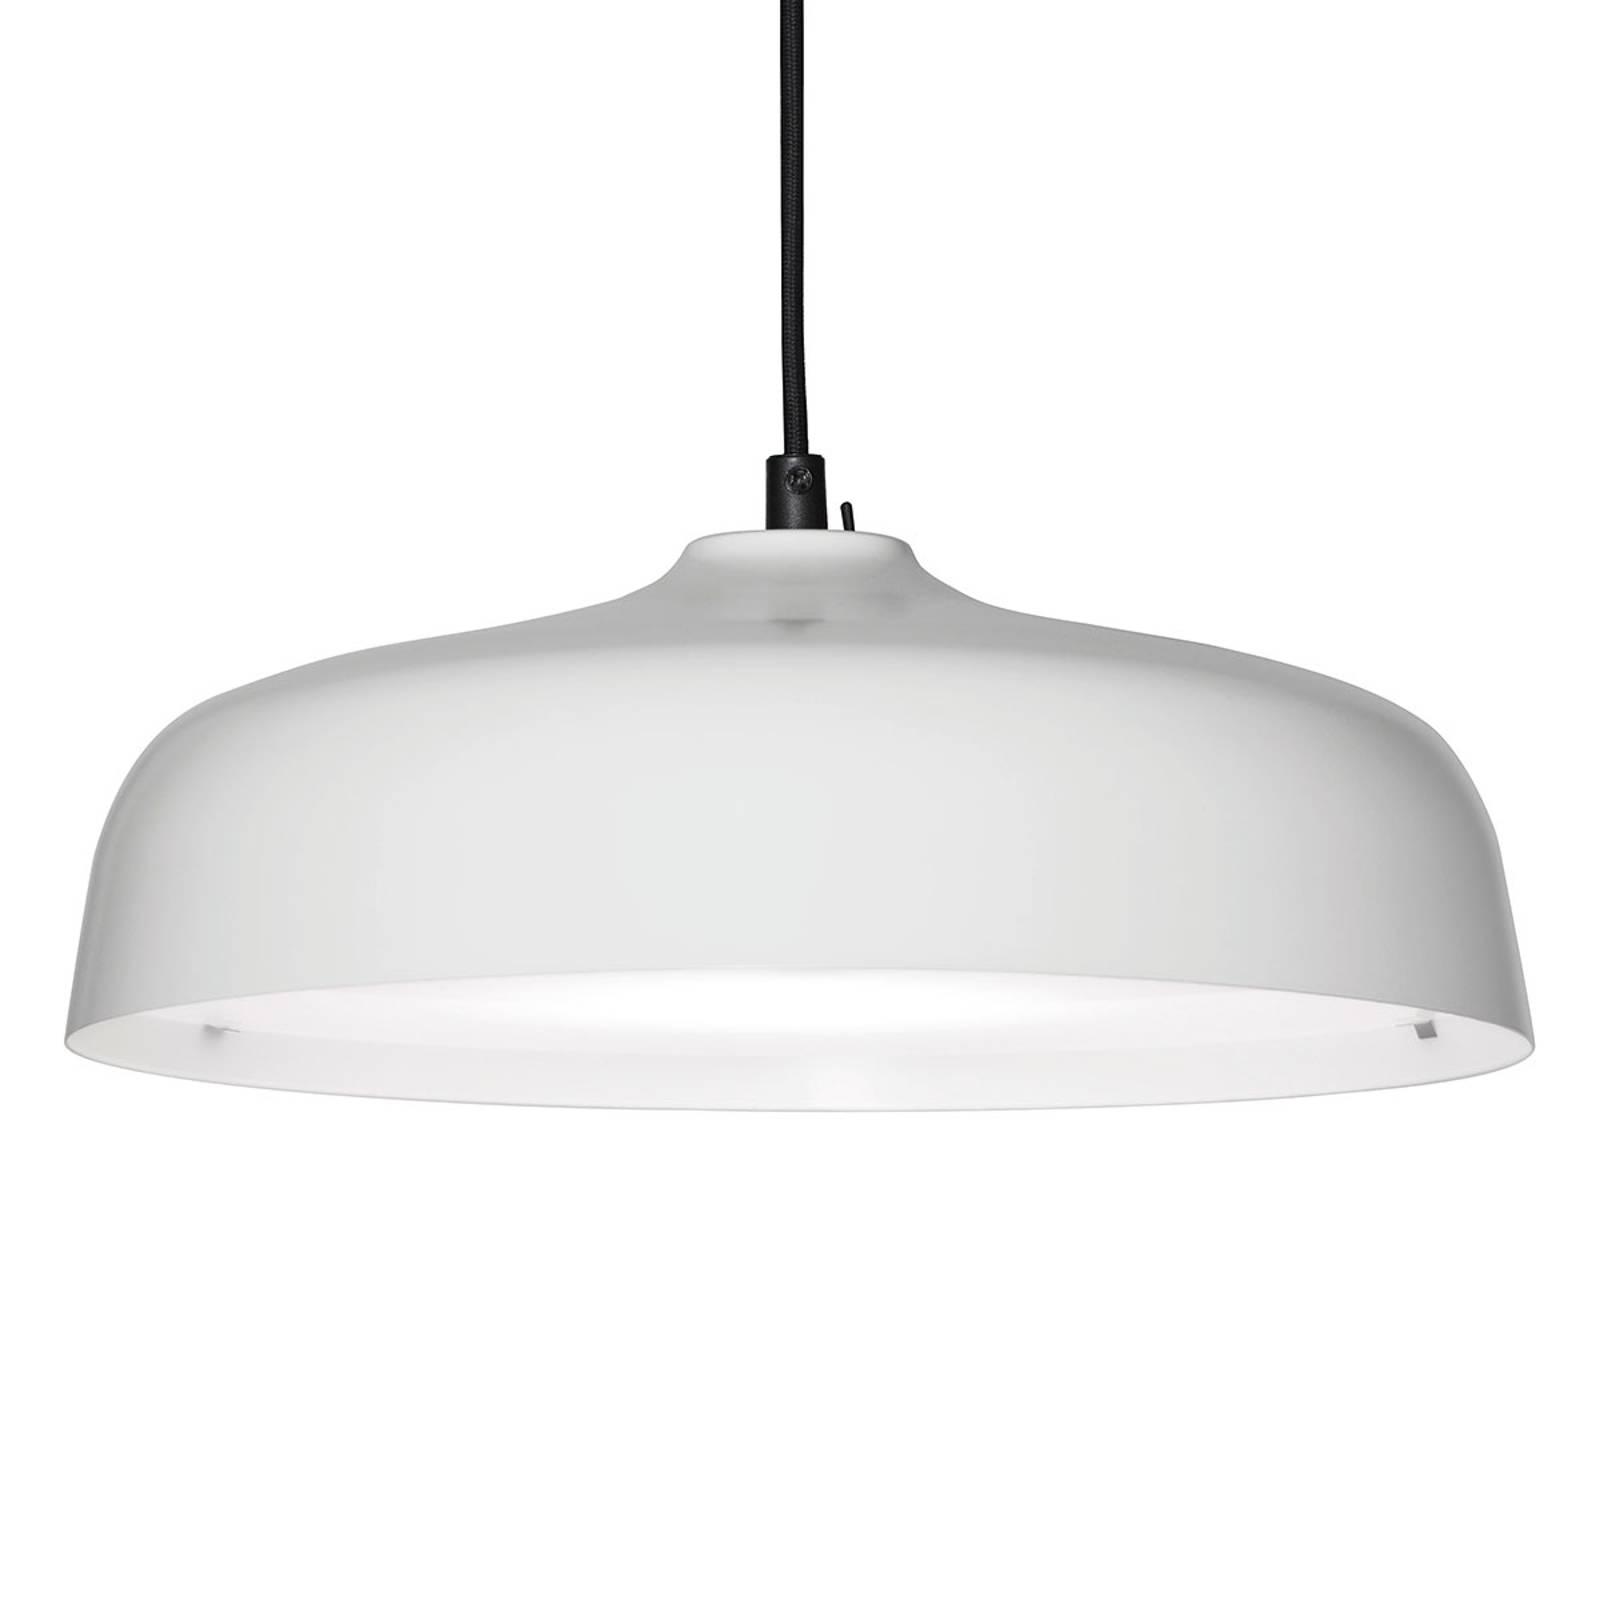 Innolux Candeo Air LED-Pendelleuchte weiß günstig online kaufen